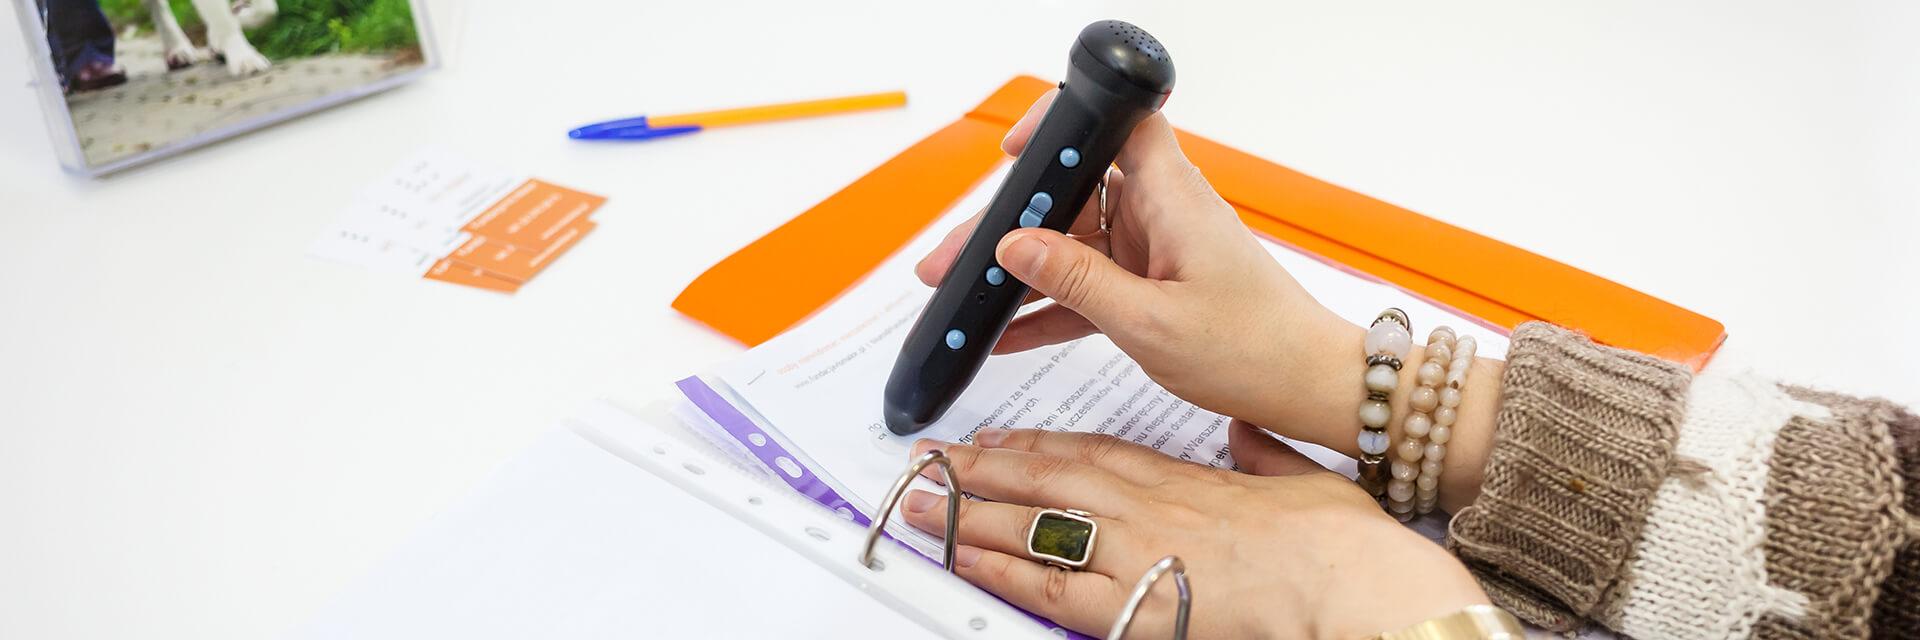 Kobieta za pomocą penfrienda odczytuje tekst na etykiecie. Etykieta przyklejona jest do koszulki, w której znajduje się dokument.